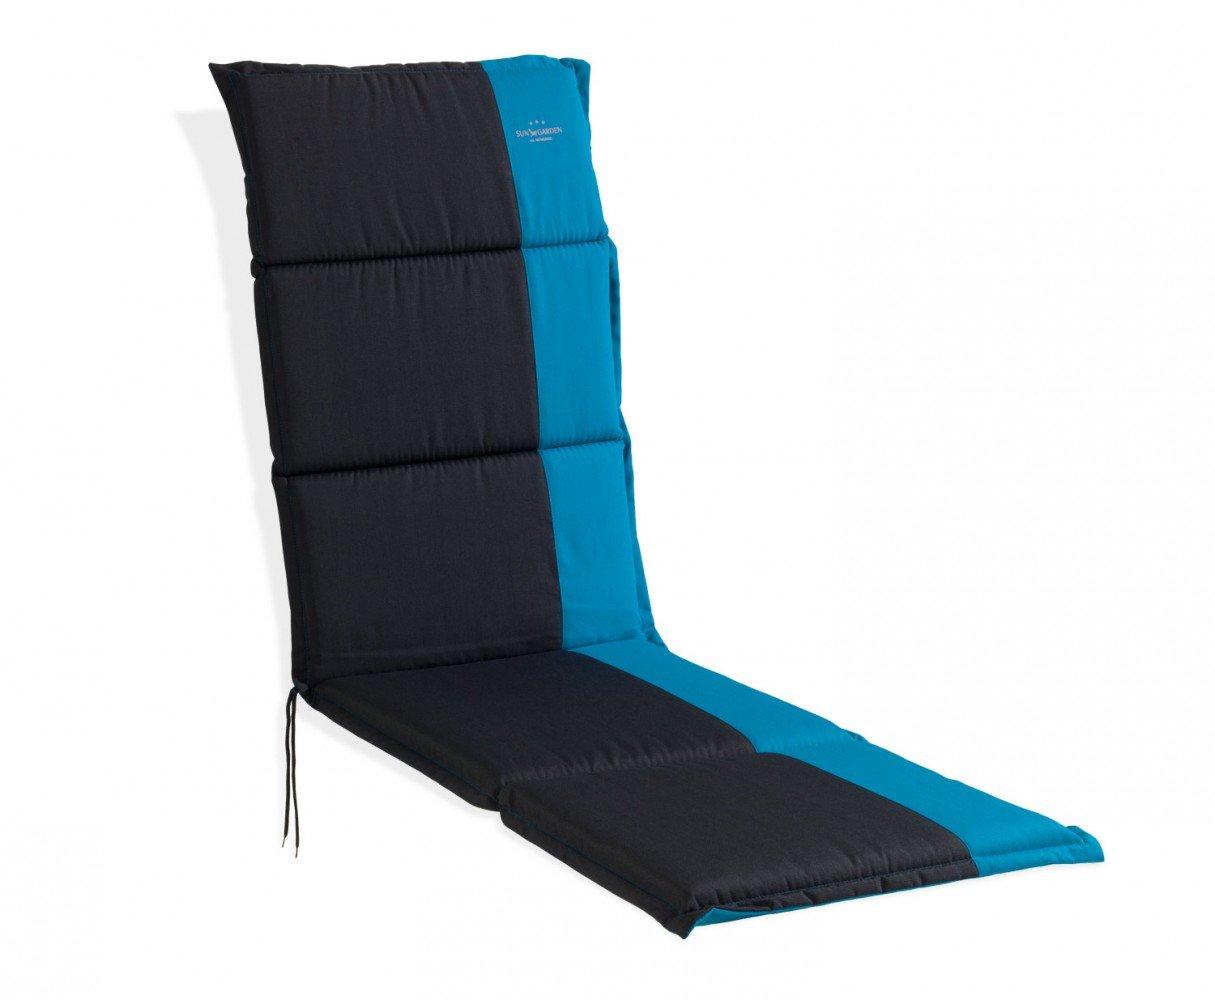 Sitzkissen Sitzpolster Relaxauflage schwarz - türkis Colt 3